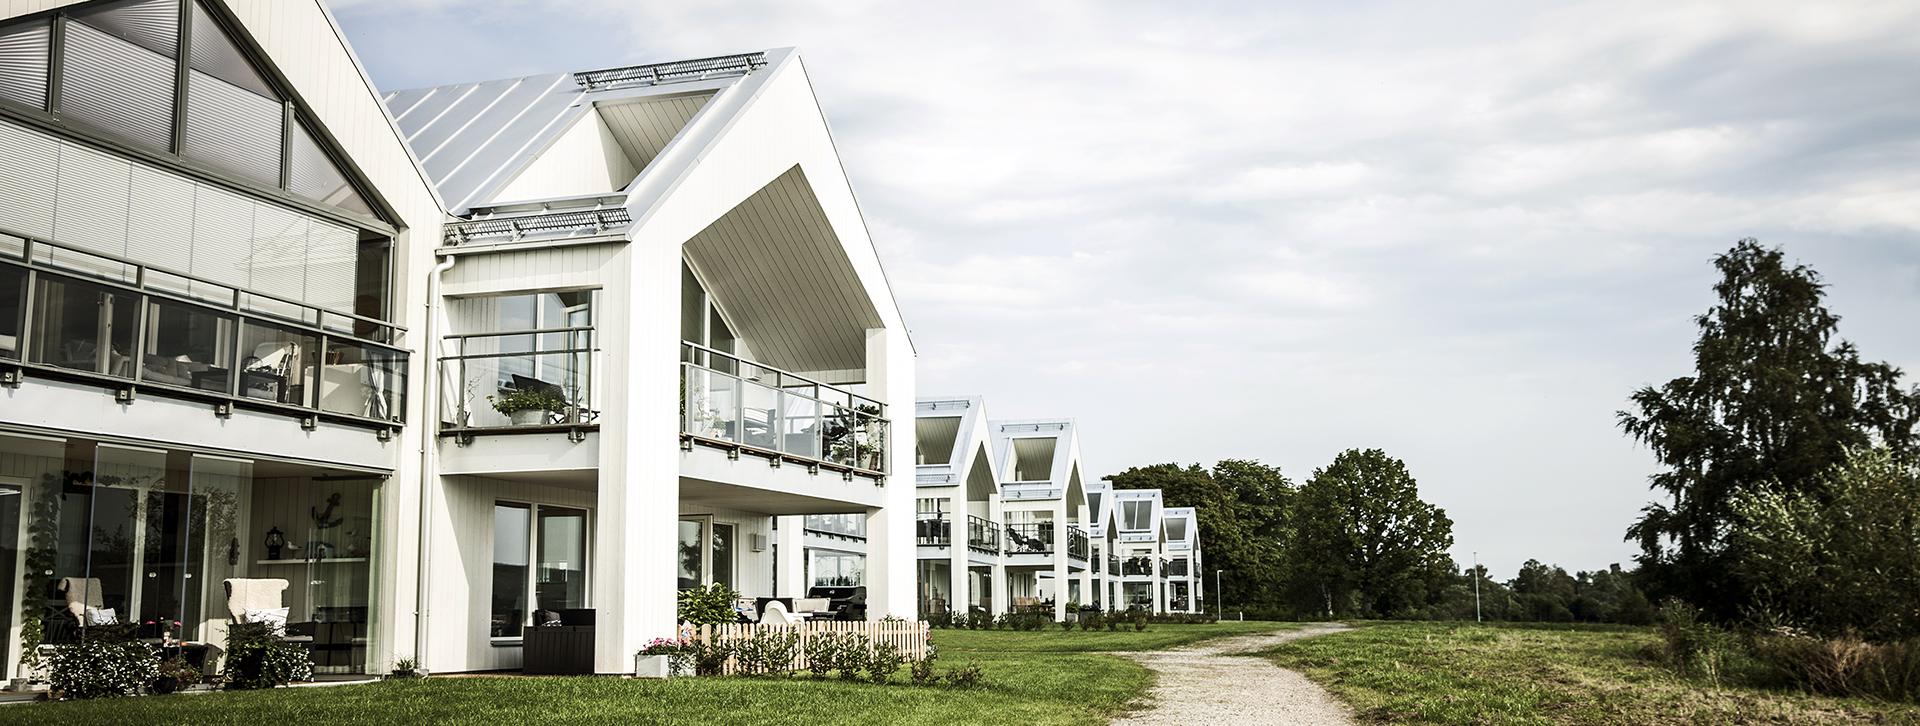 Hitta Fastighetsmäklare - Hus i Ulricehamn